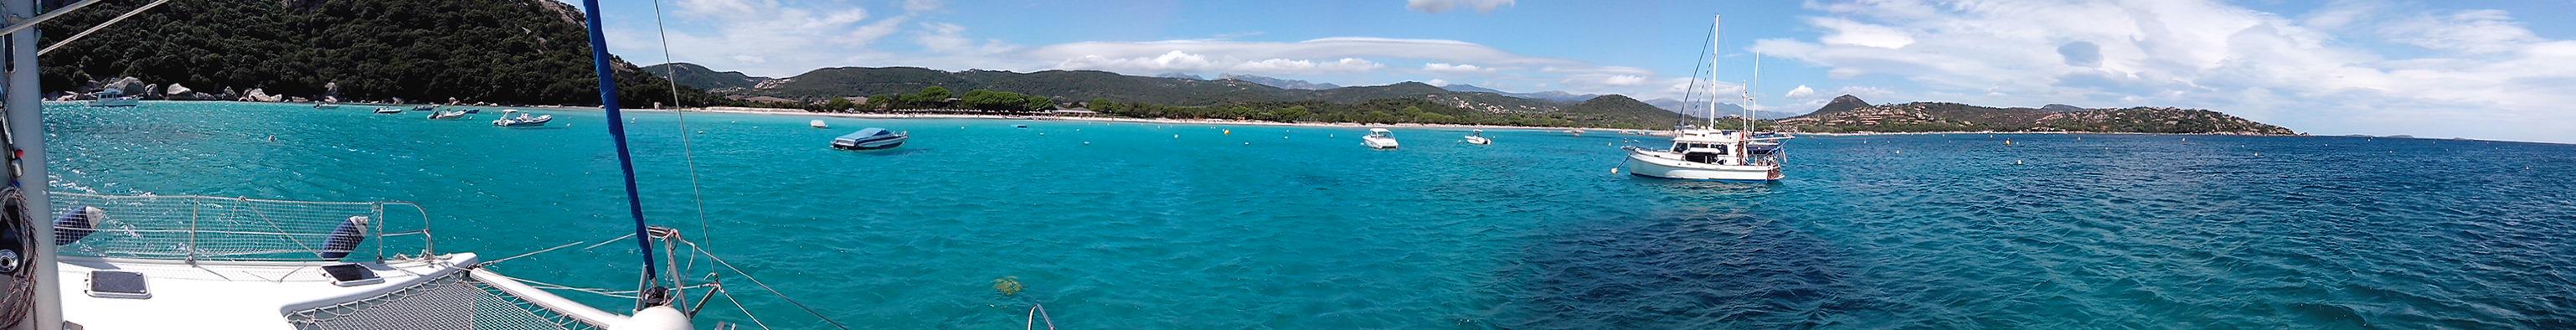 Corsica-Santa Giulia